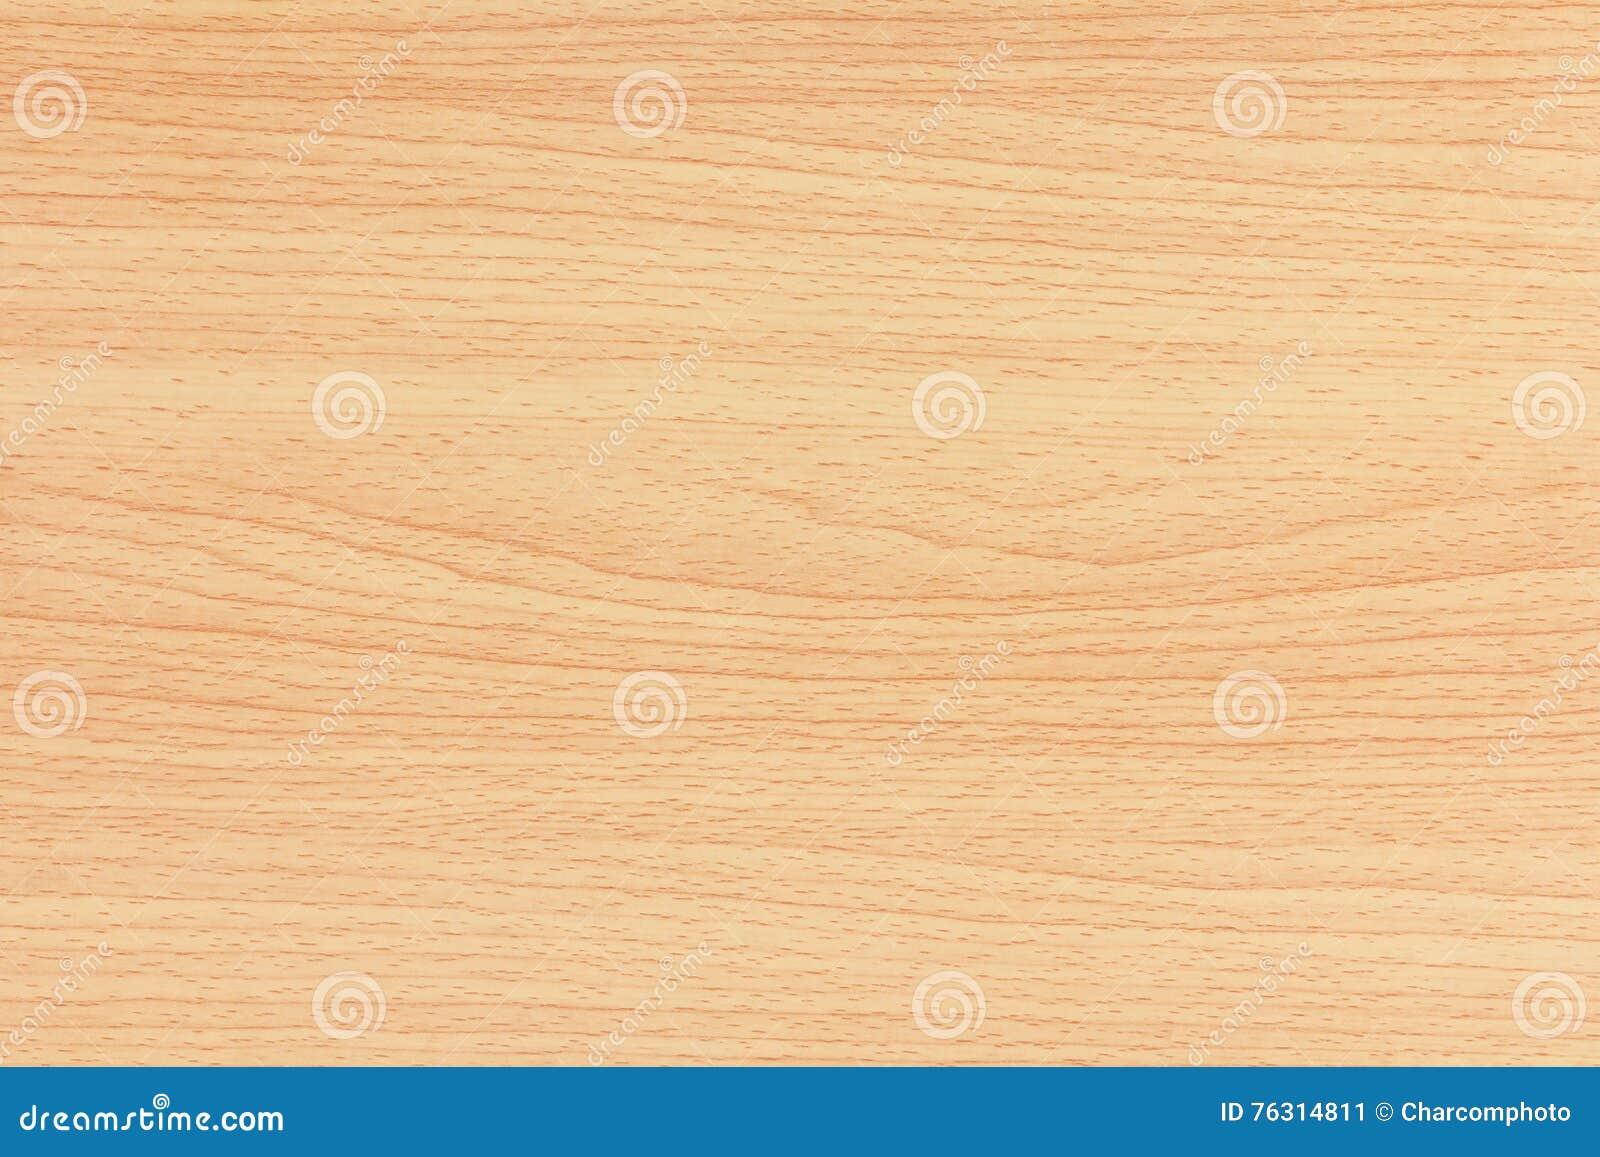 Assoalho marrom pastel da prancha da madeira compensada pintado Fundo de madeira velho da textura da tabela superior cinzenta Cas